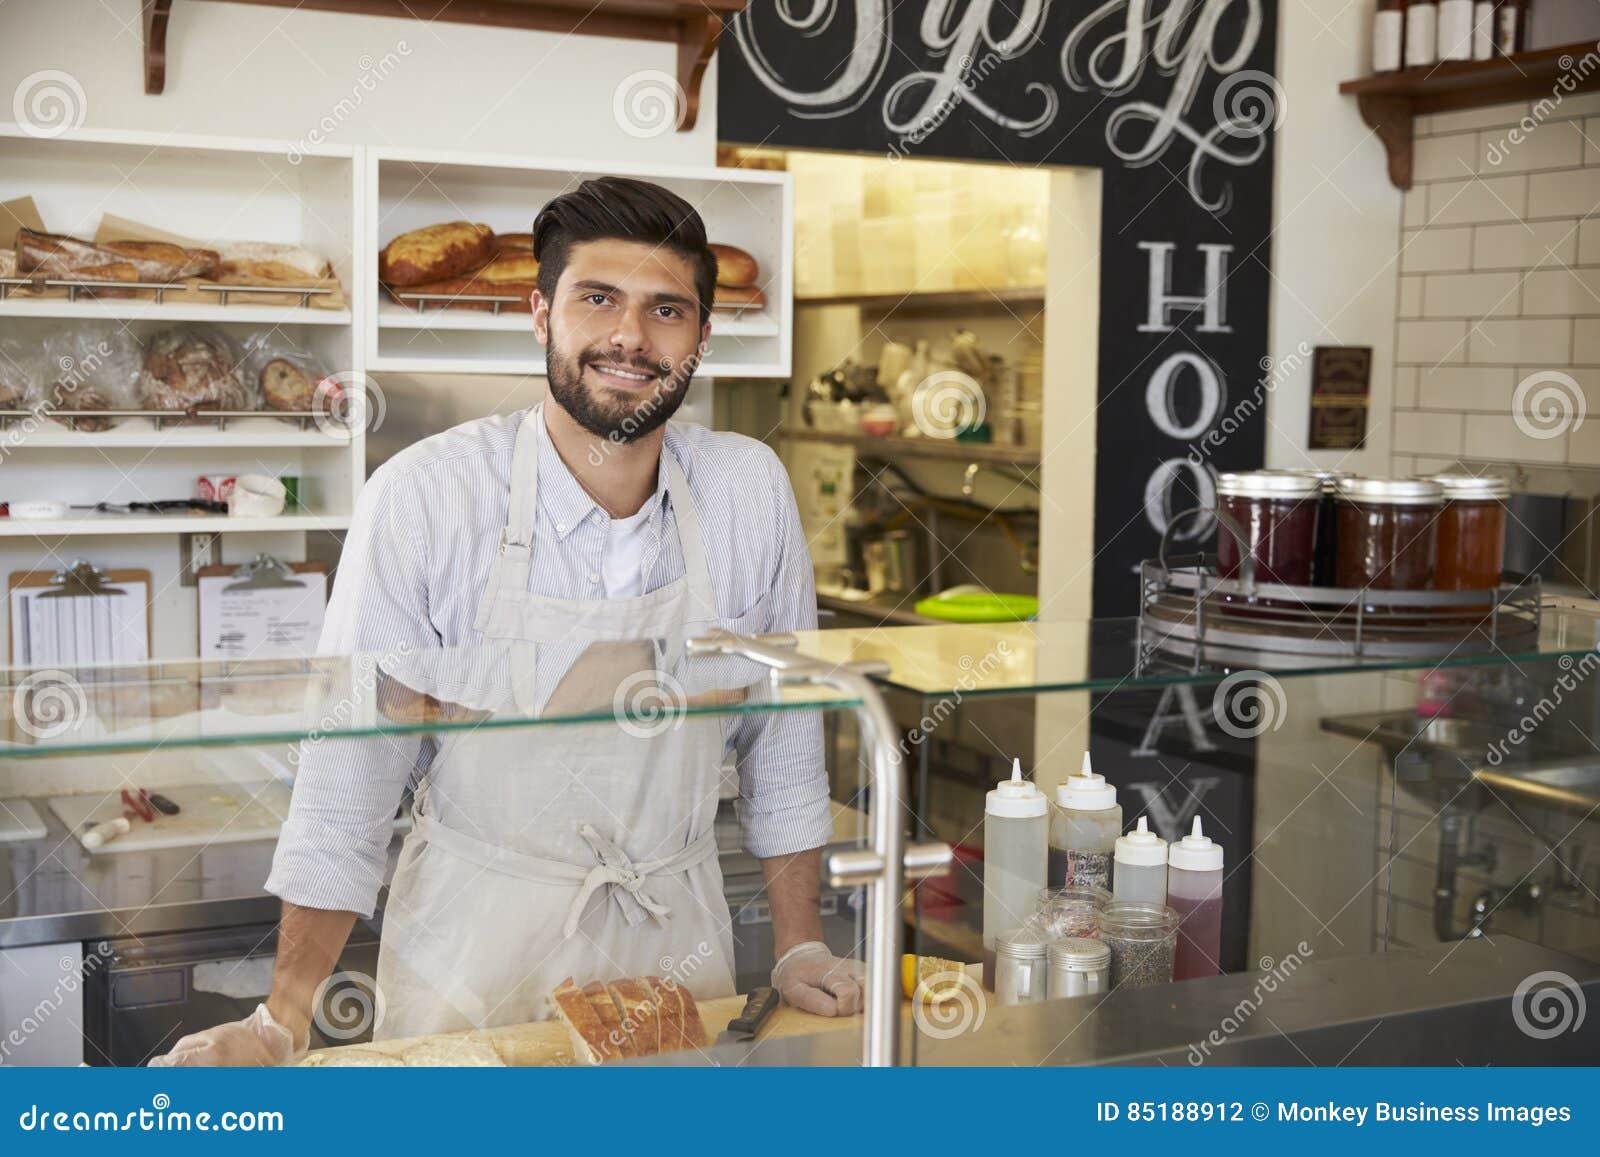 Pequeño propietario de negocio detrás del contador de una barra del bocadillo